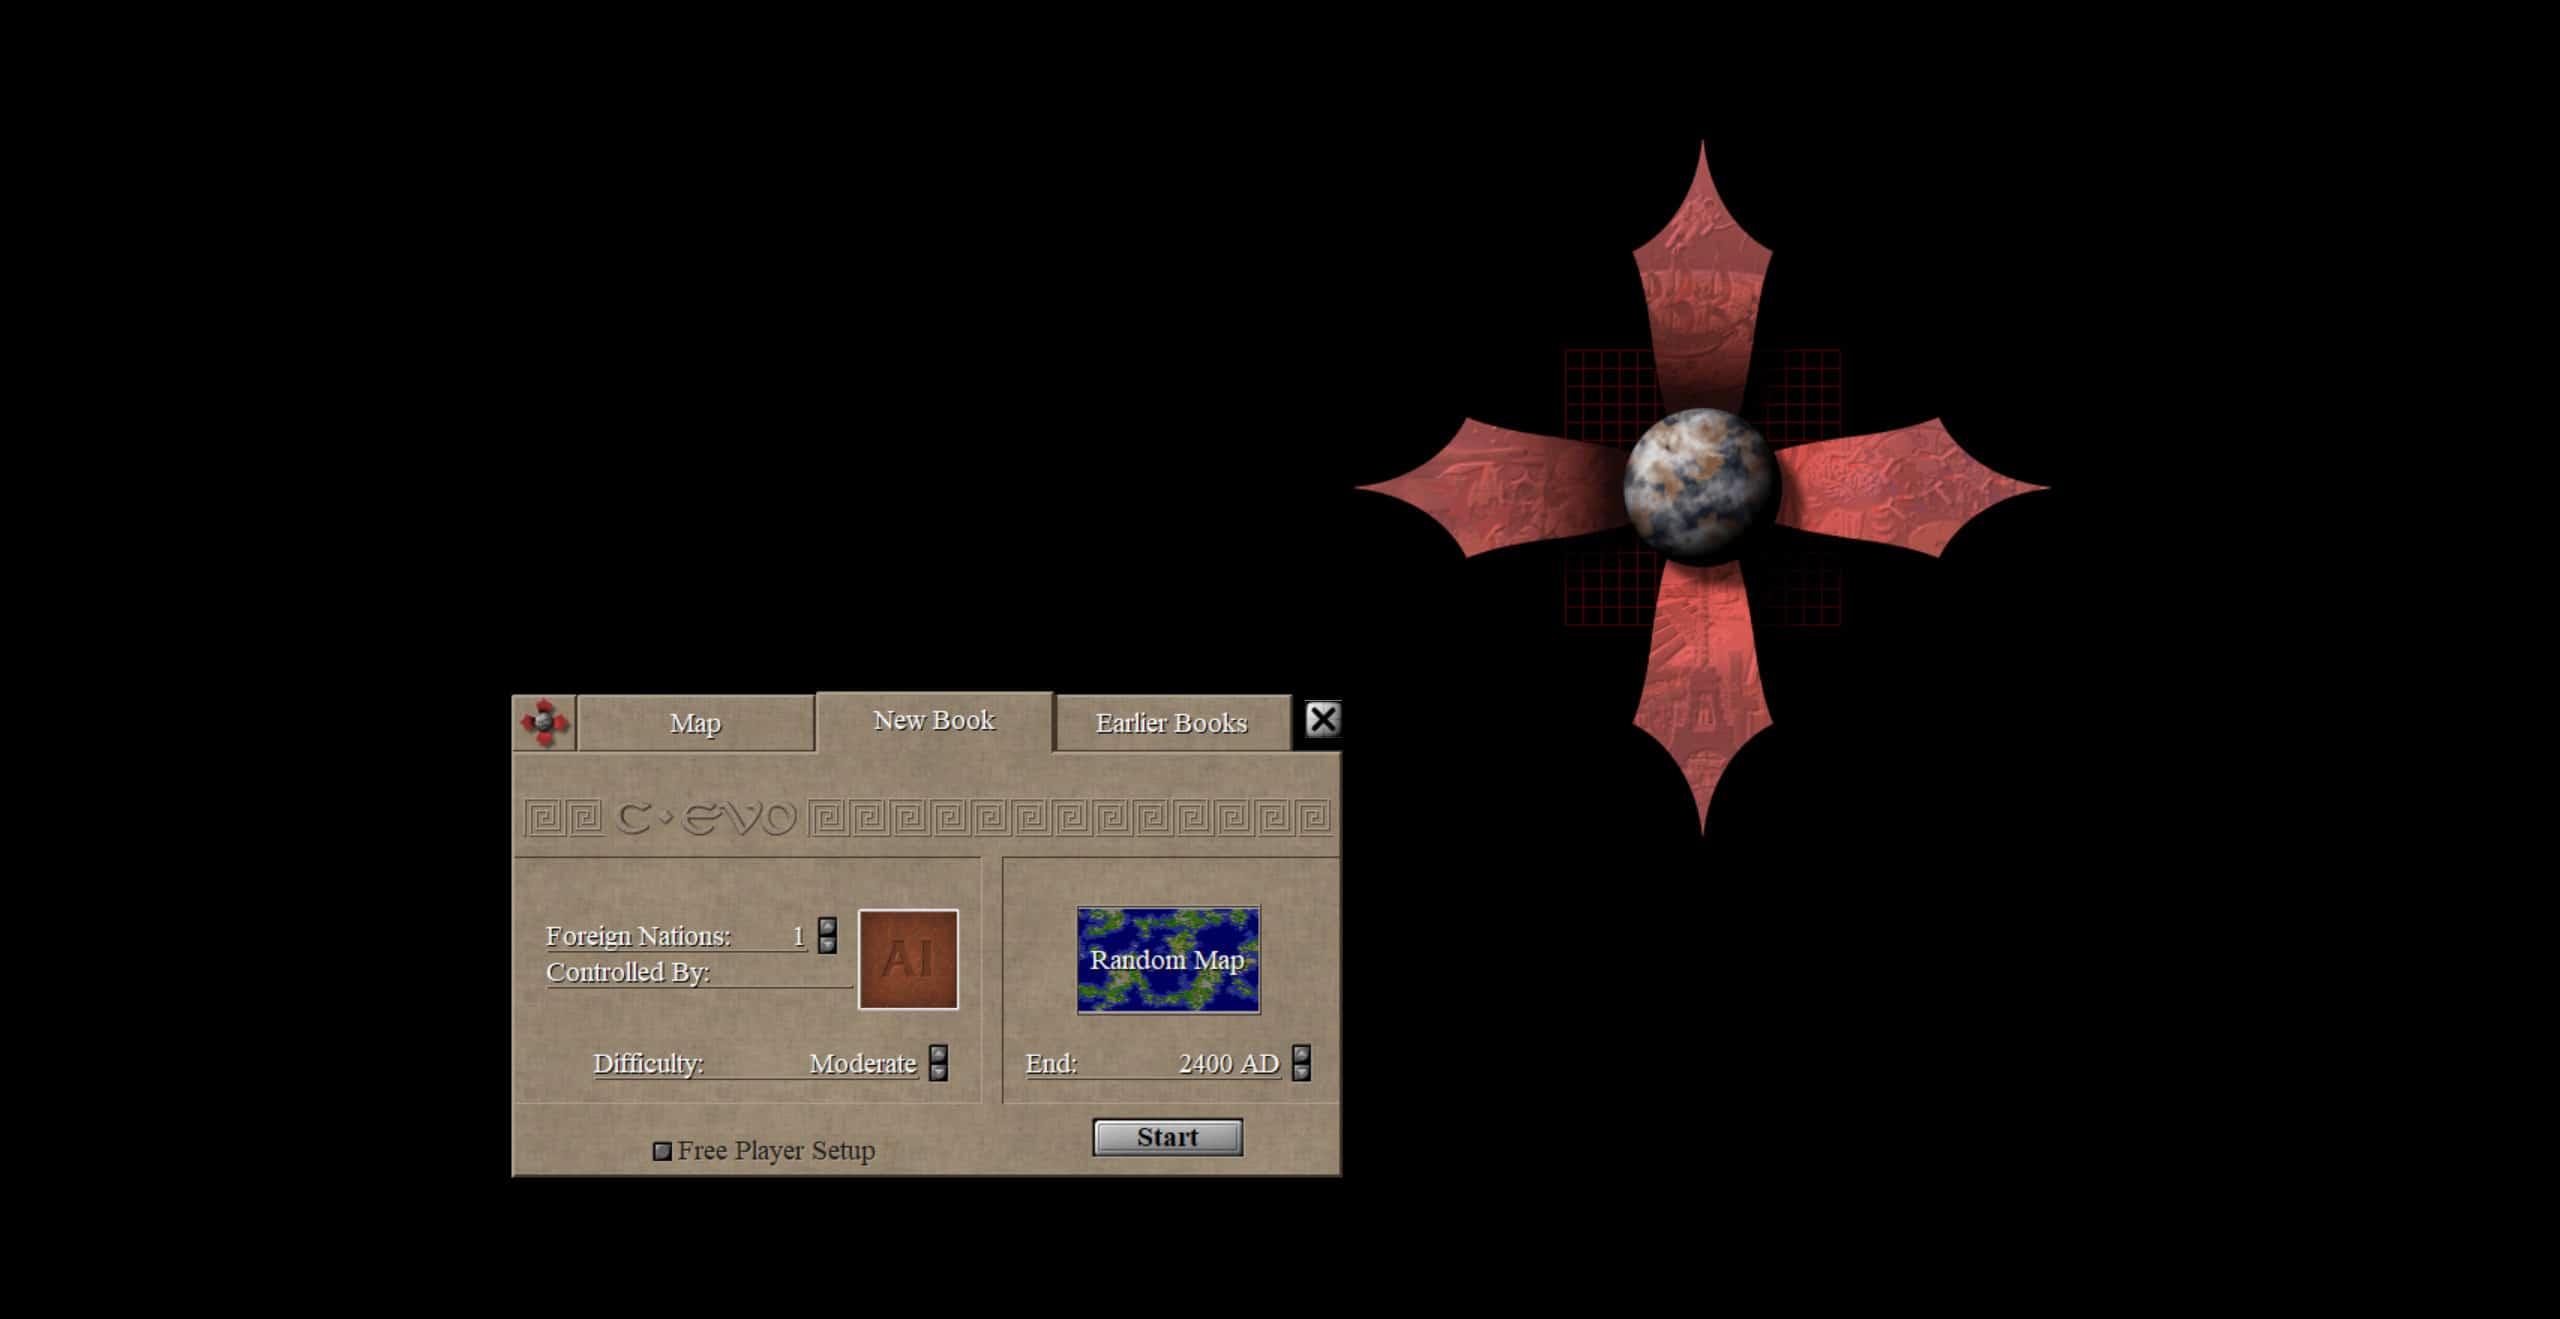 como-instalar-o-c-evo-new-horizons-um-jogo-de-construcao-de-imperios-no-ubuntu-linux-mint-fedora-debian